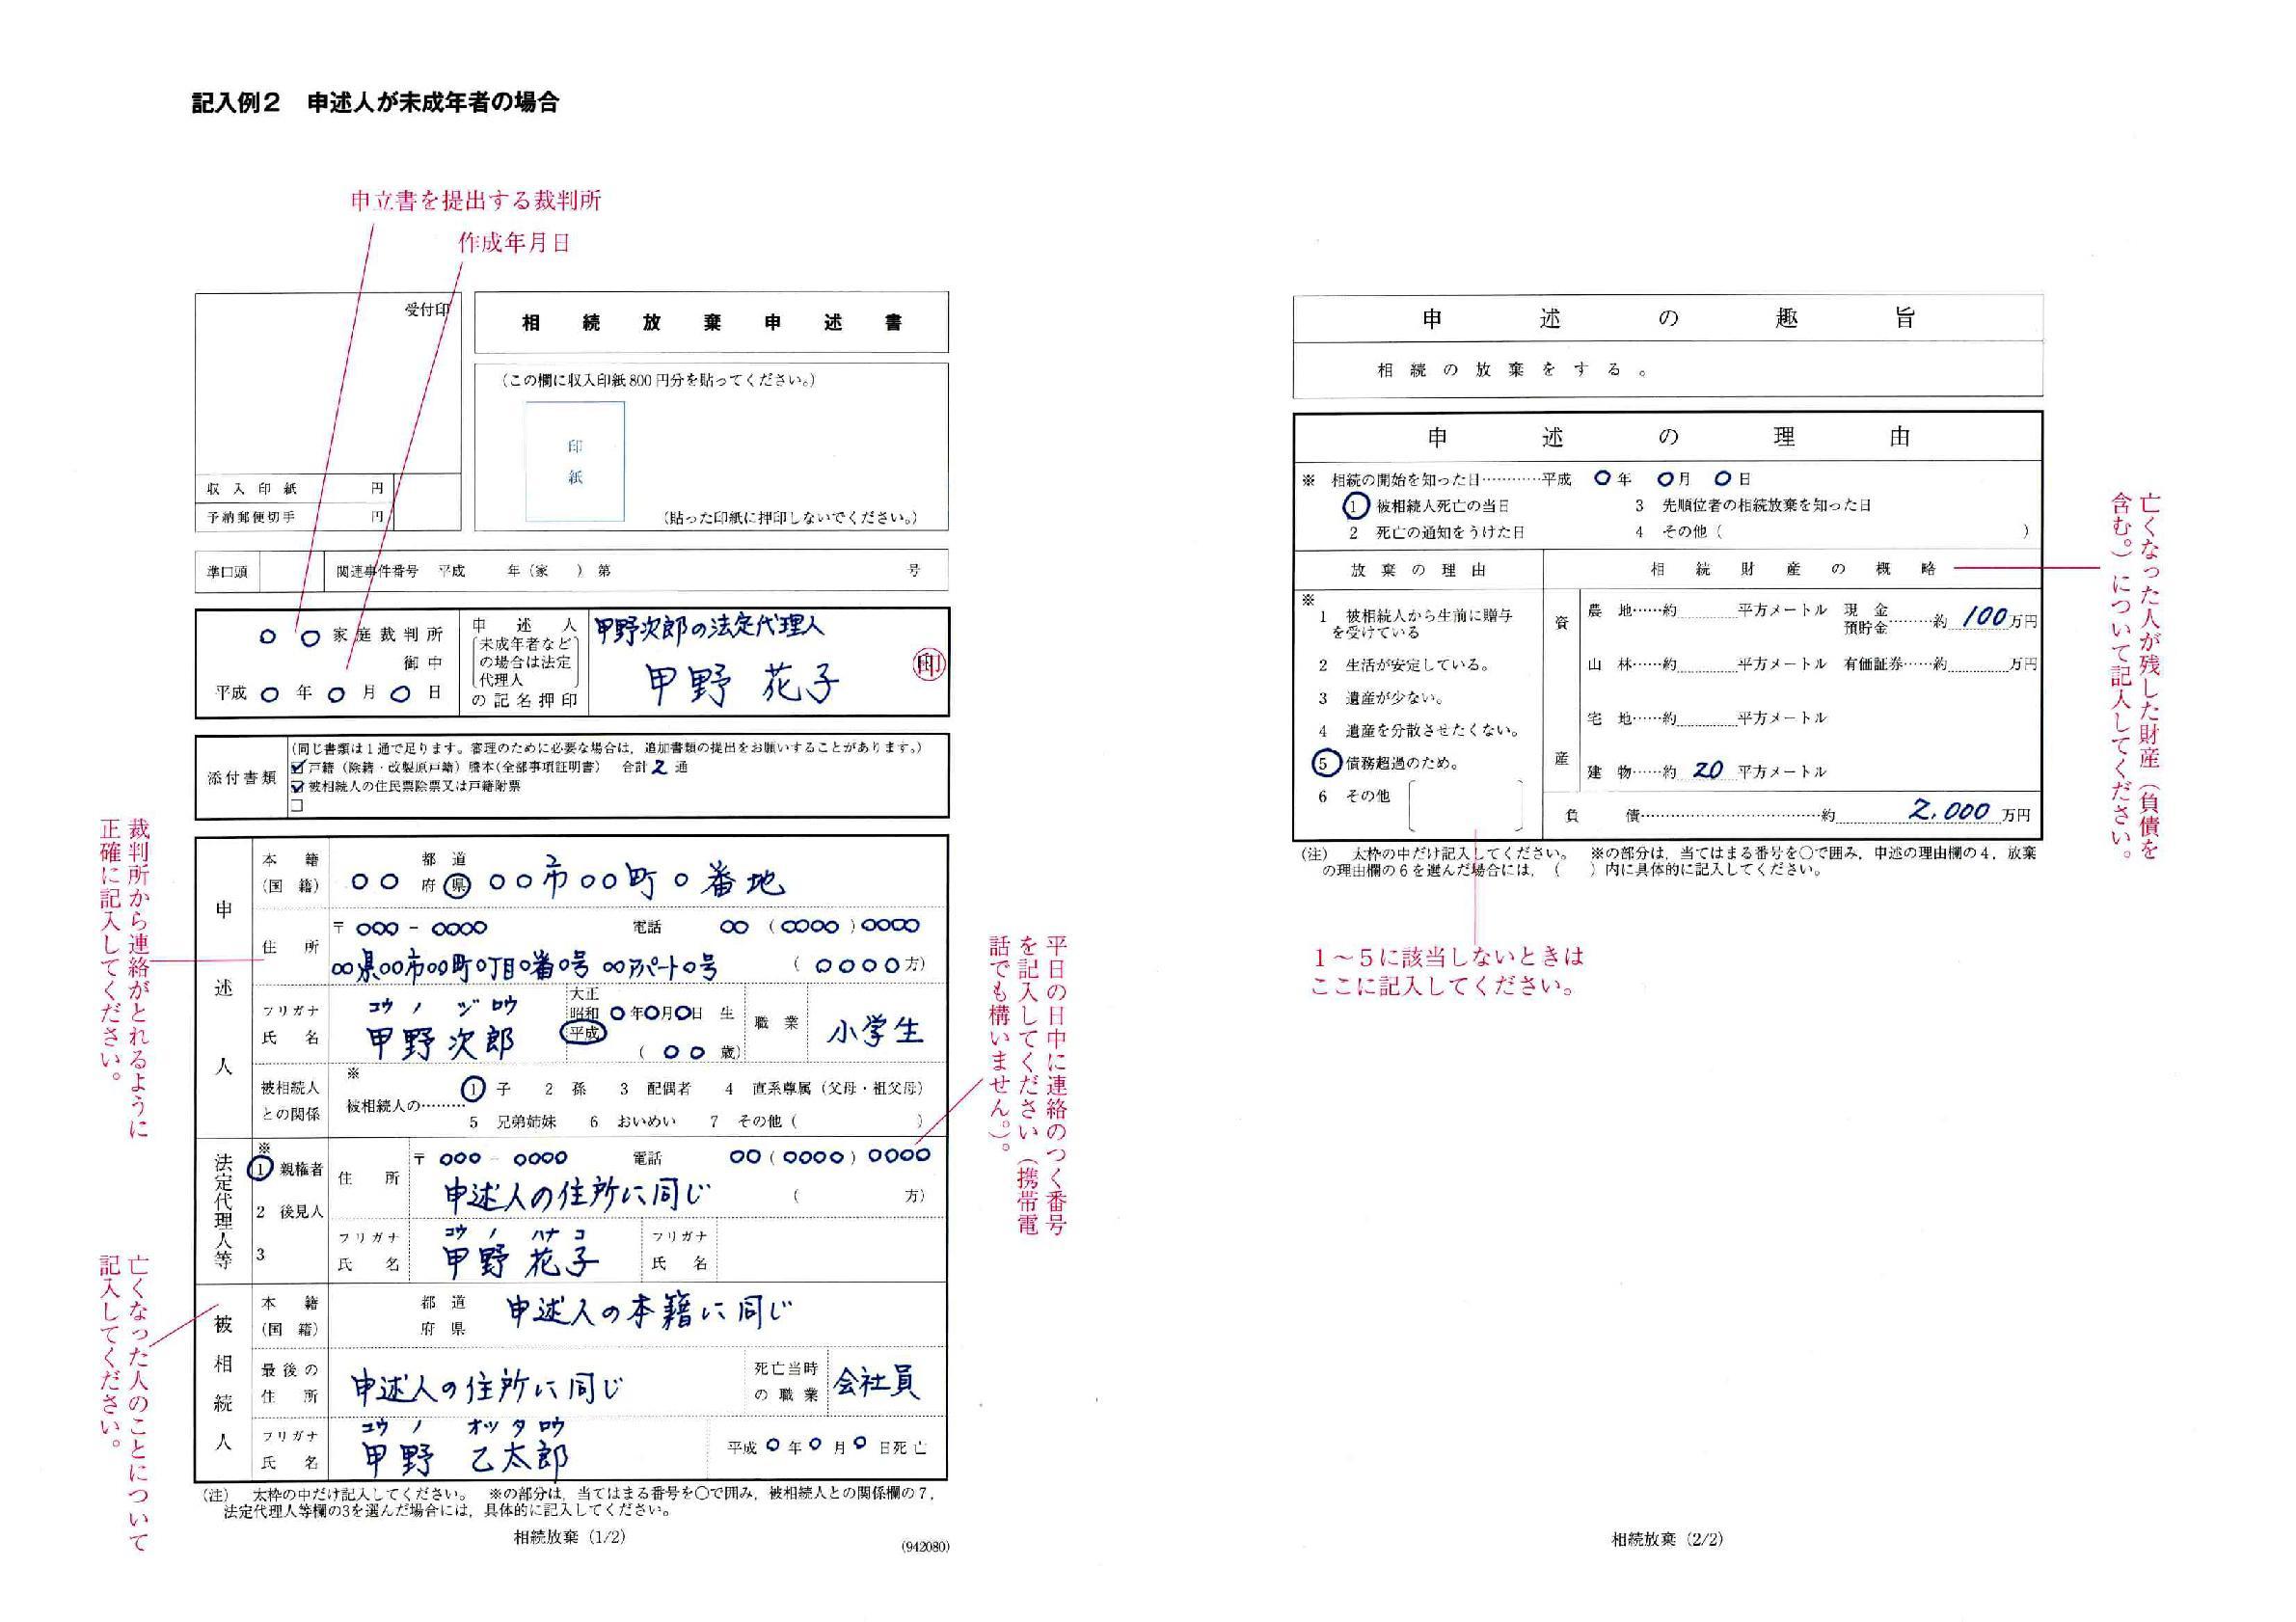 相続放棄申述書の記入例(サンプル)-未成年の場合は法定代理人の項目を記入する必要がある